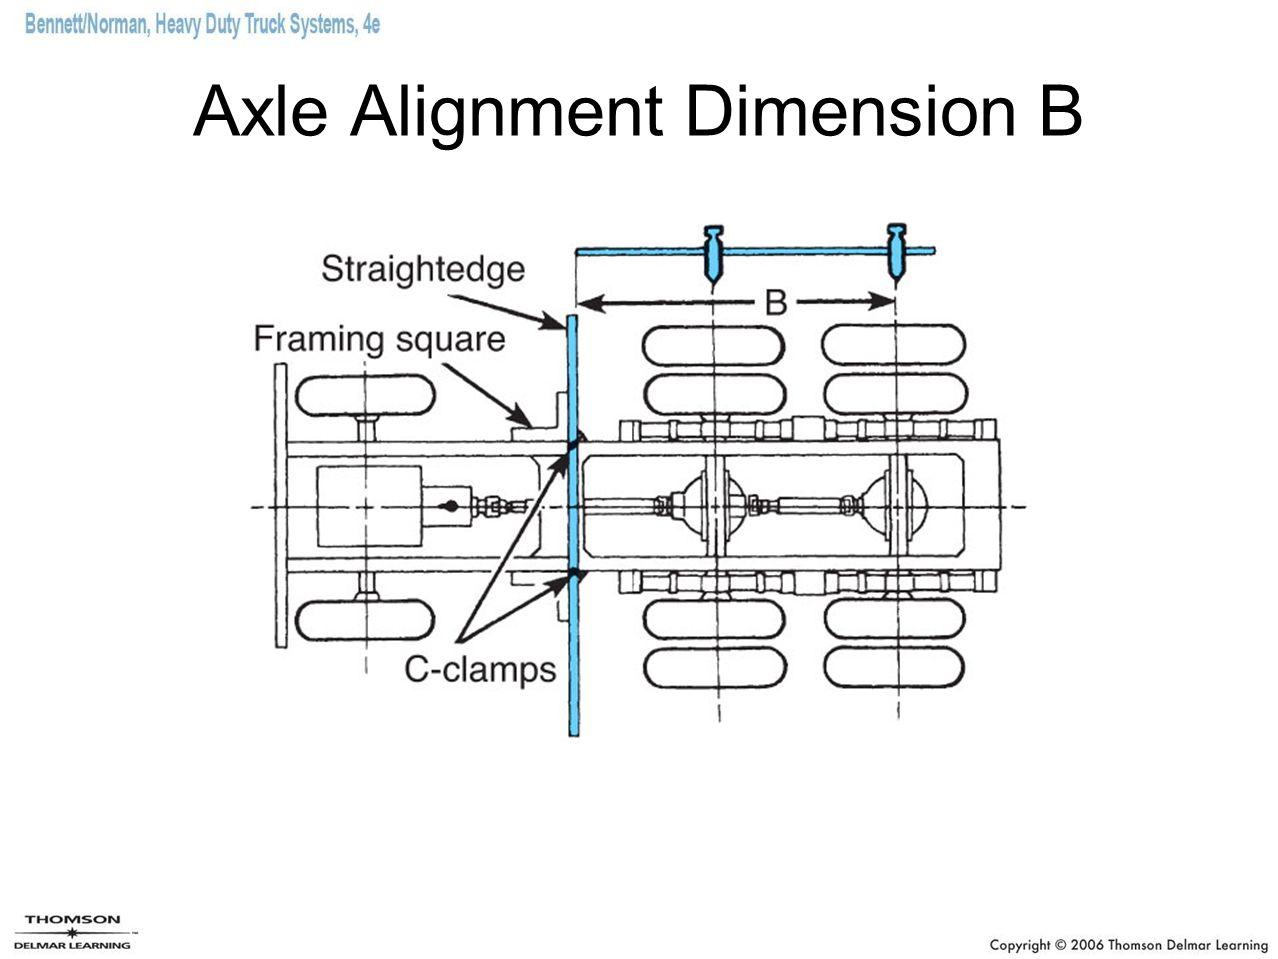 Axle Alignment Dimension B